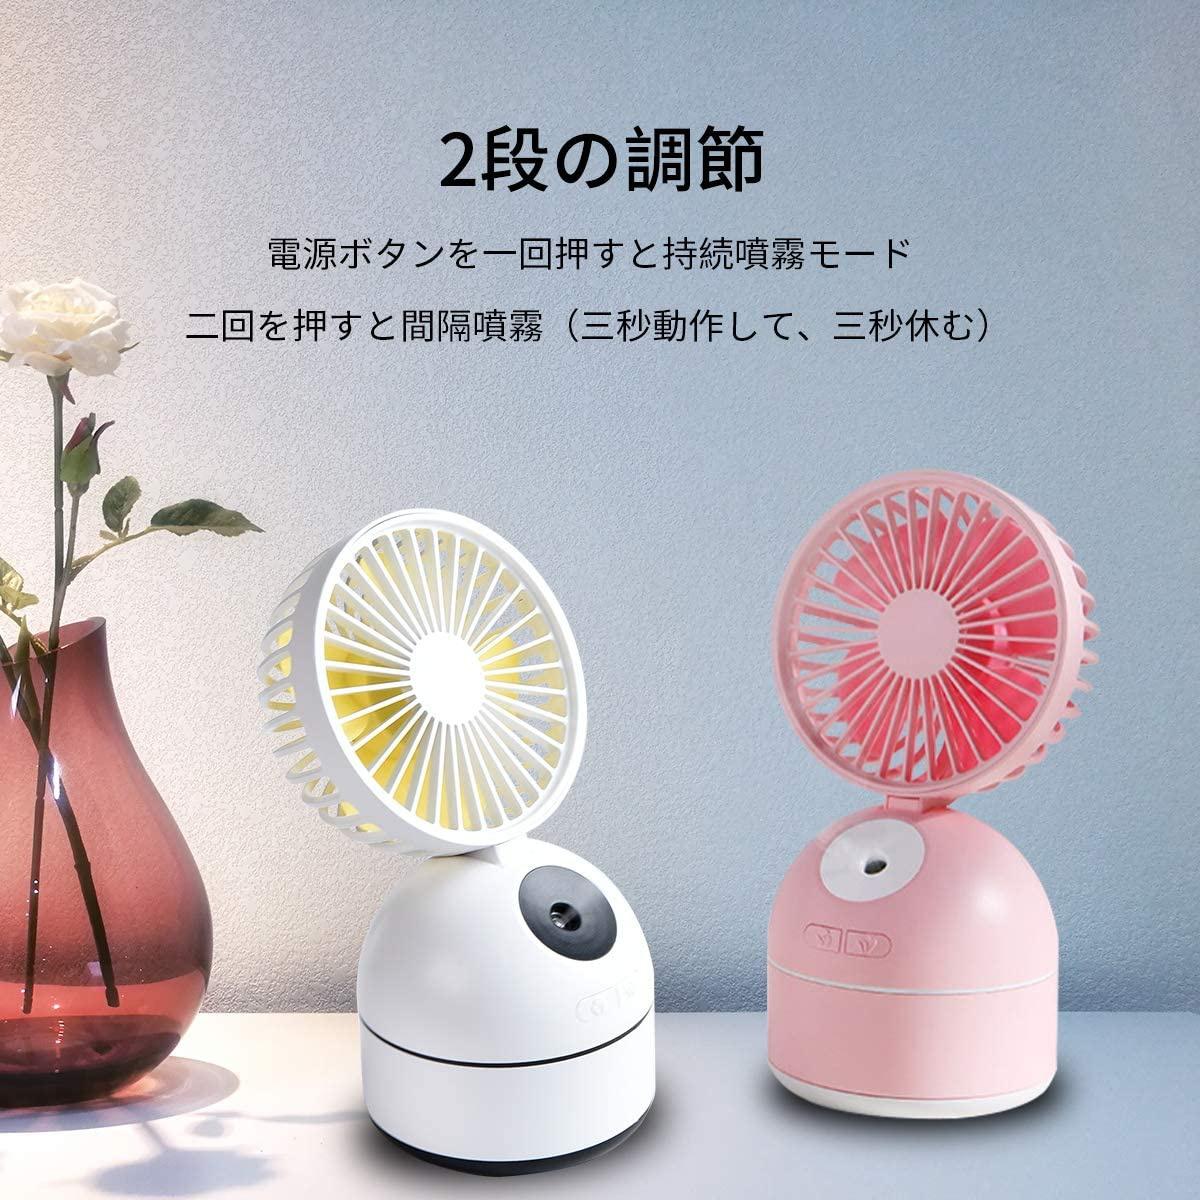 NI-SHEN(ニーシェン) 卓上扇風機 ミストファン加湿機能付きの商品画像3